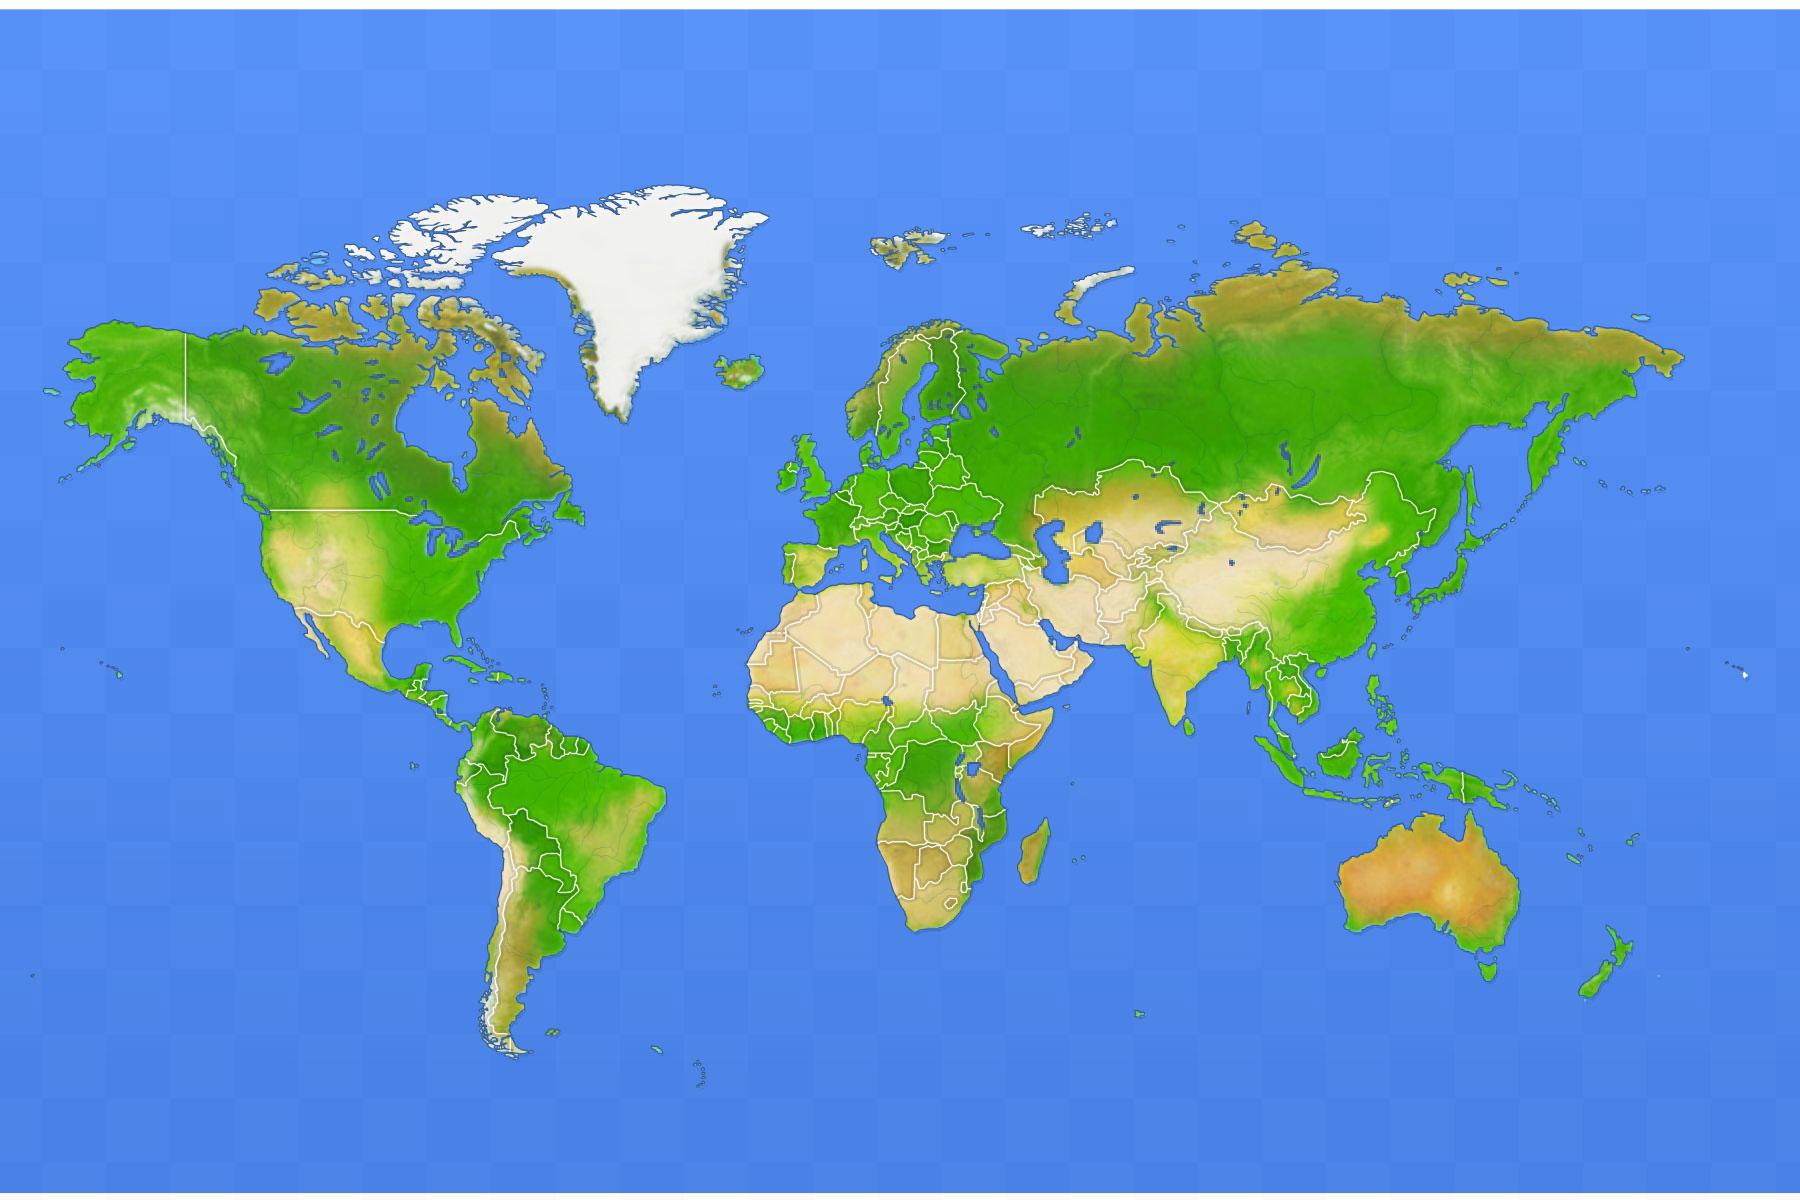 Jeux-Geographiques Jeux Gratuits Jeu Villes Du Monde Junior dedans Jeux De Geographie